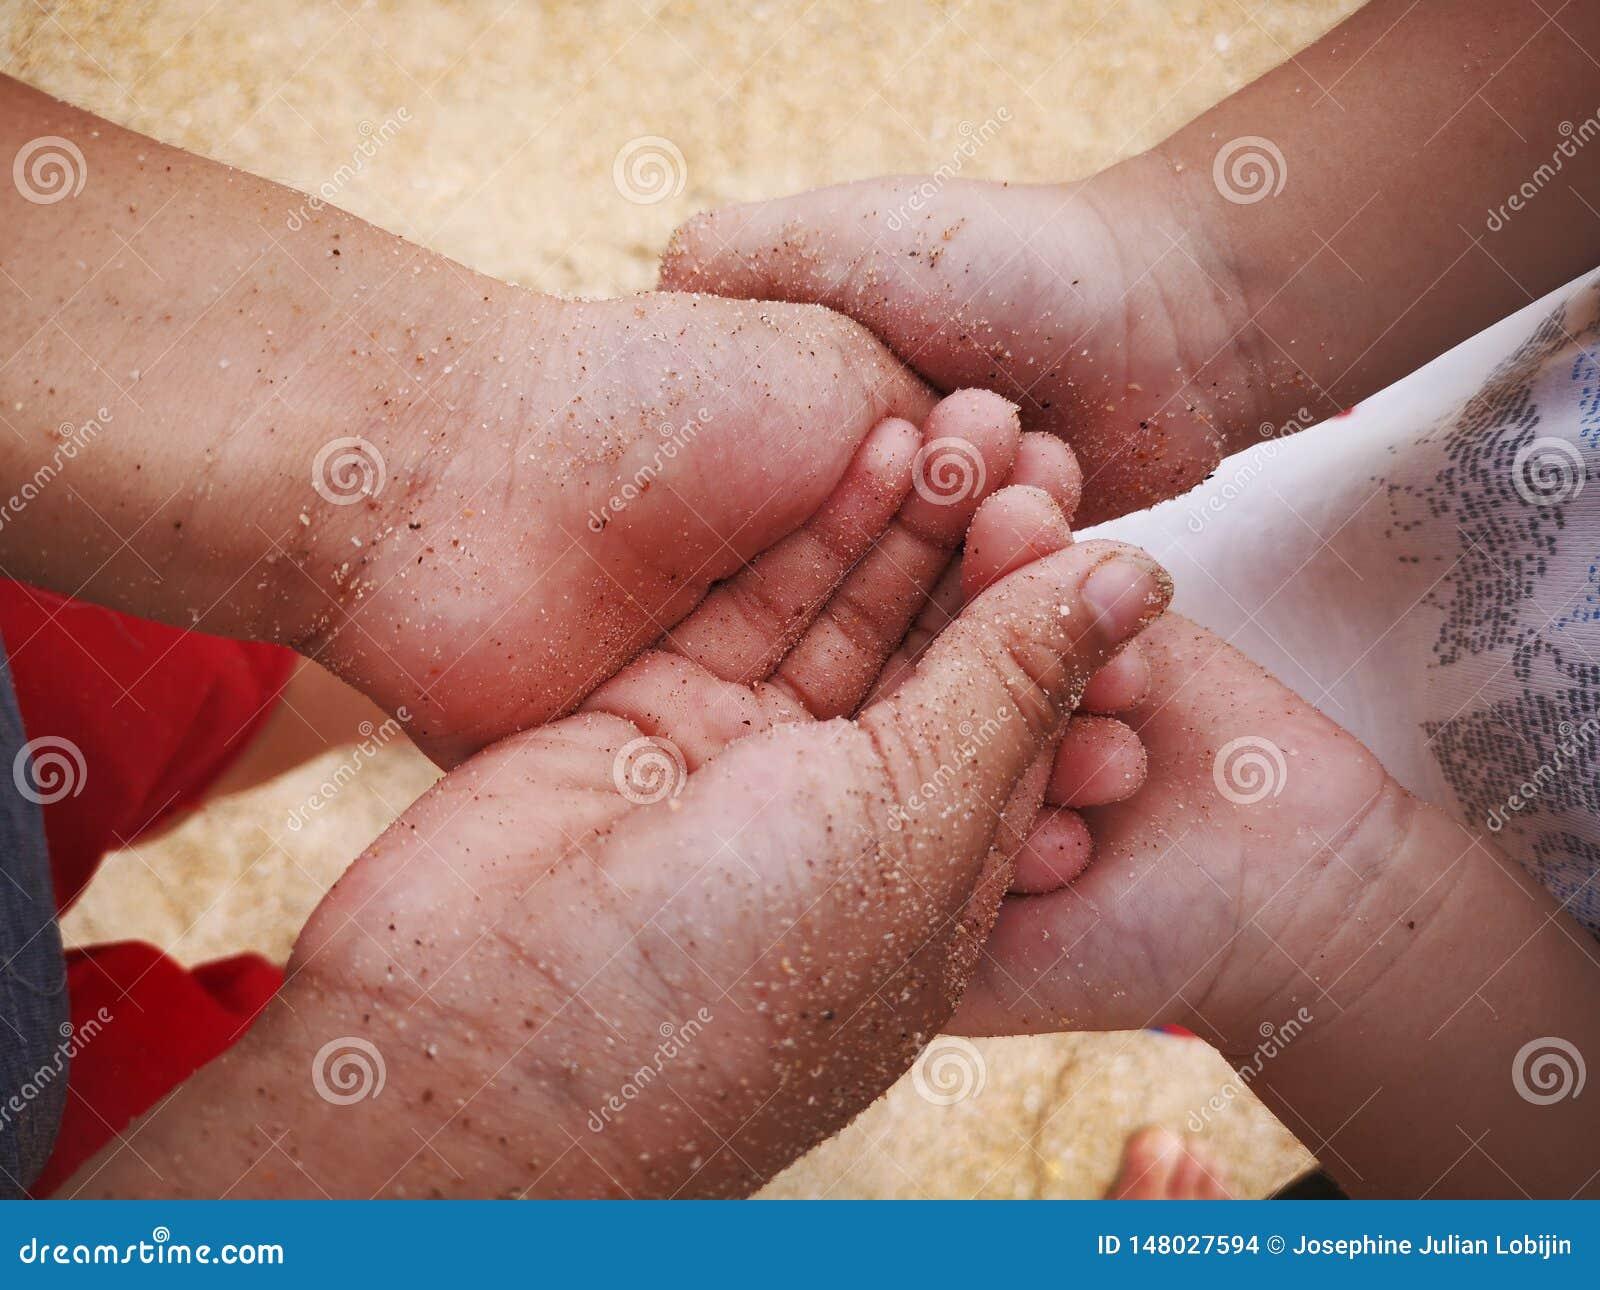 Un amour d enfant de m?mes parents o? deux fr?res tenant la main ainsi que l amour et les soins